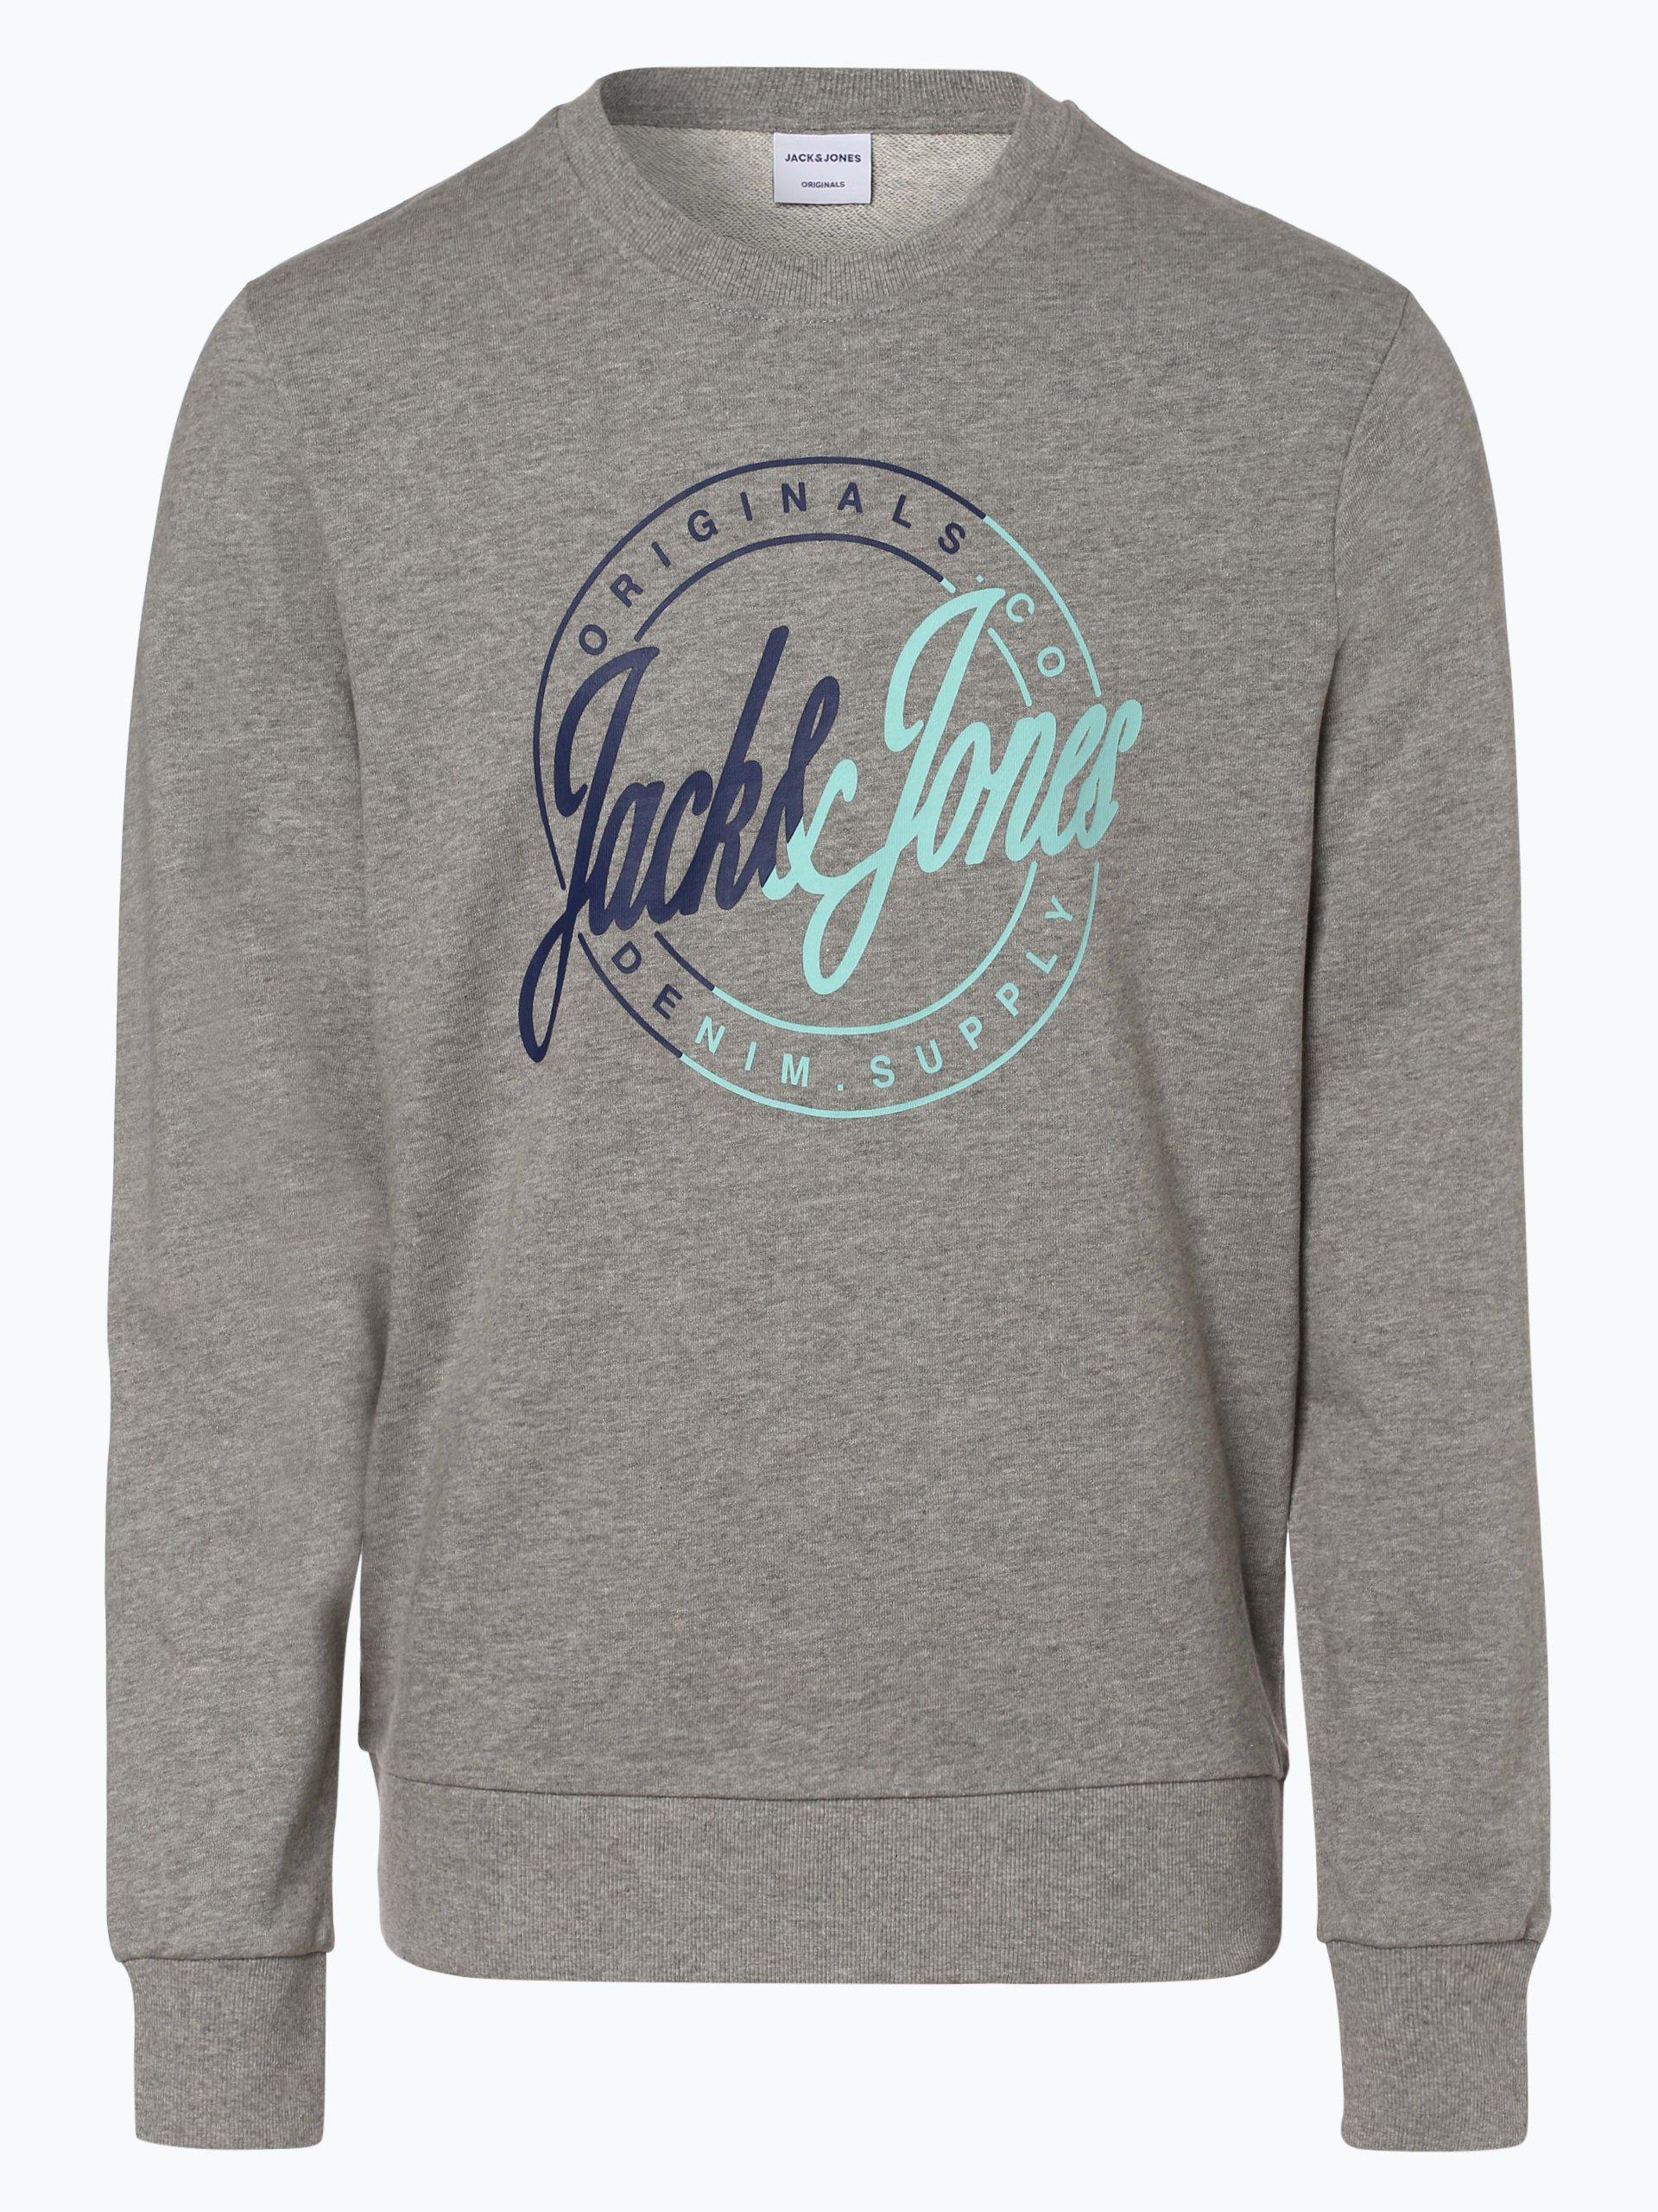 Jack & Jones Herren Sweatshirt